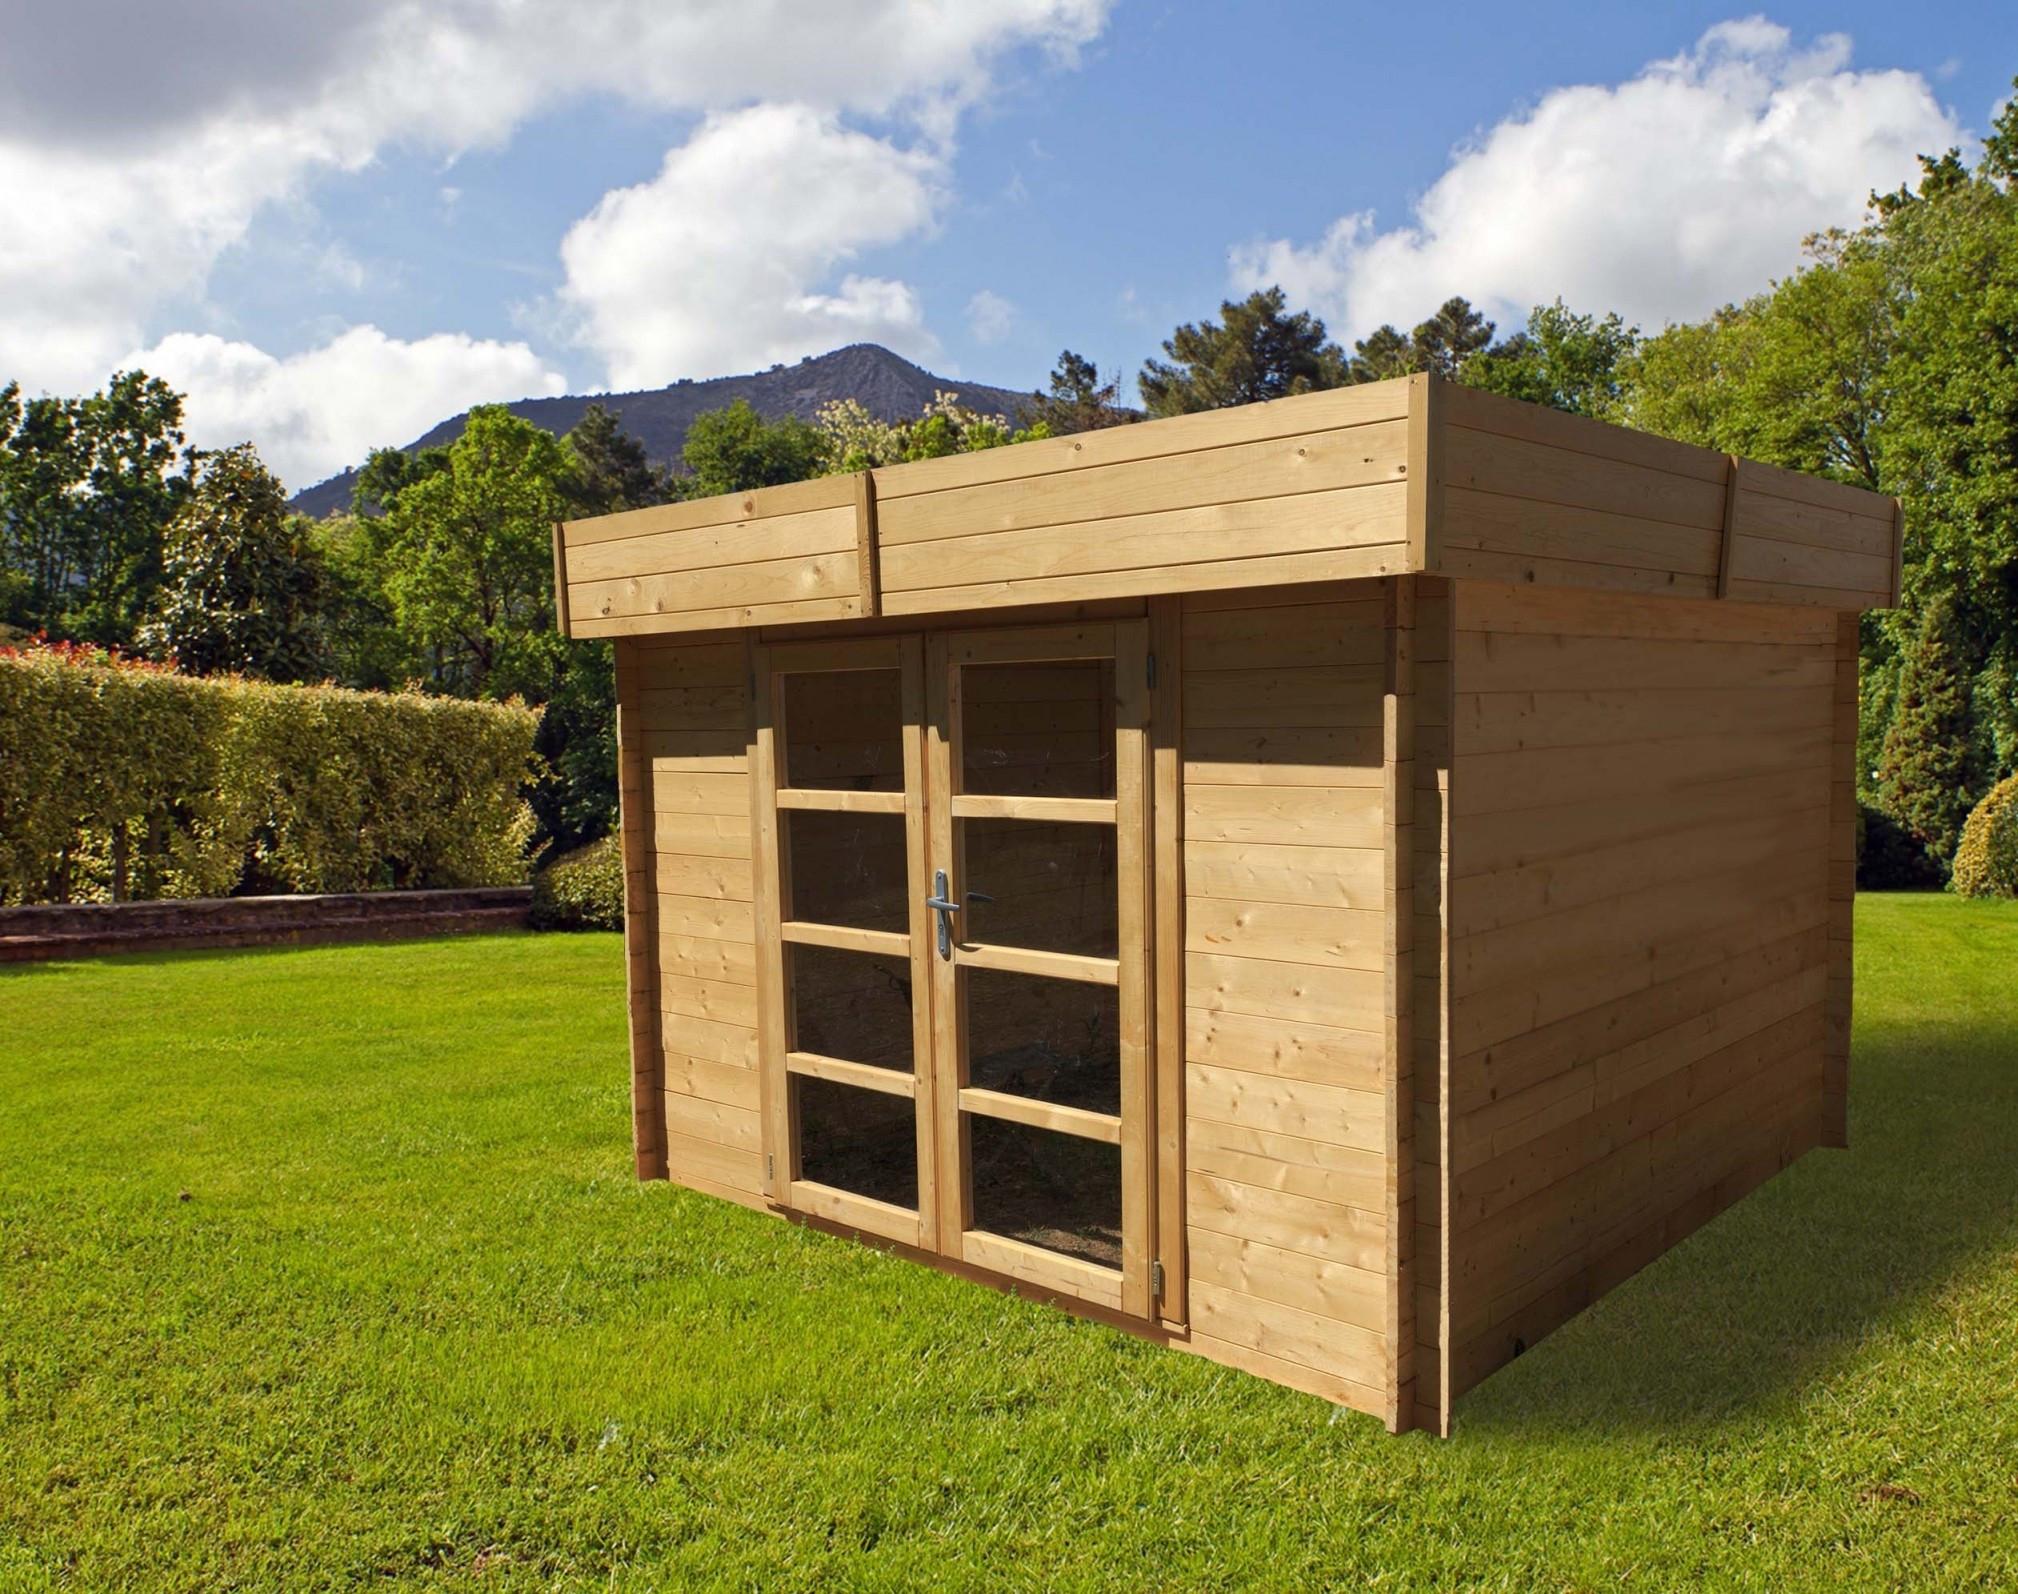 Idee Deco Interieur Cabane En Bois Beau Collection Meilleur De 40 De Cabane En Bois Jardin Des Idées